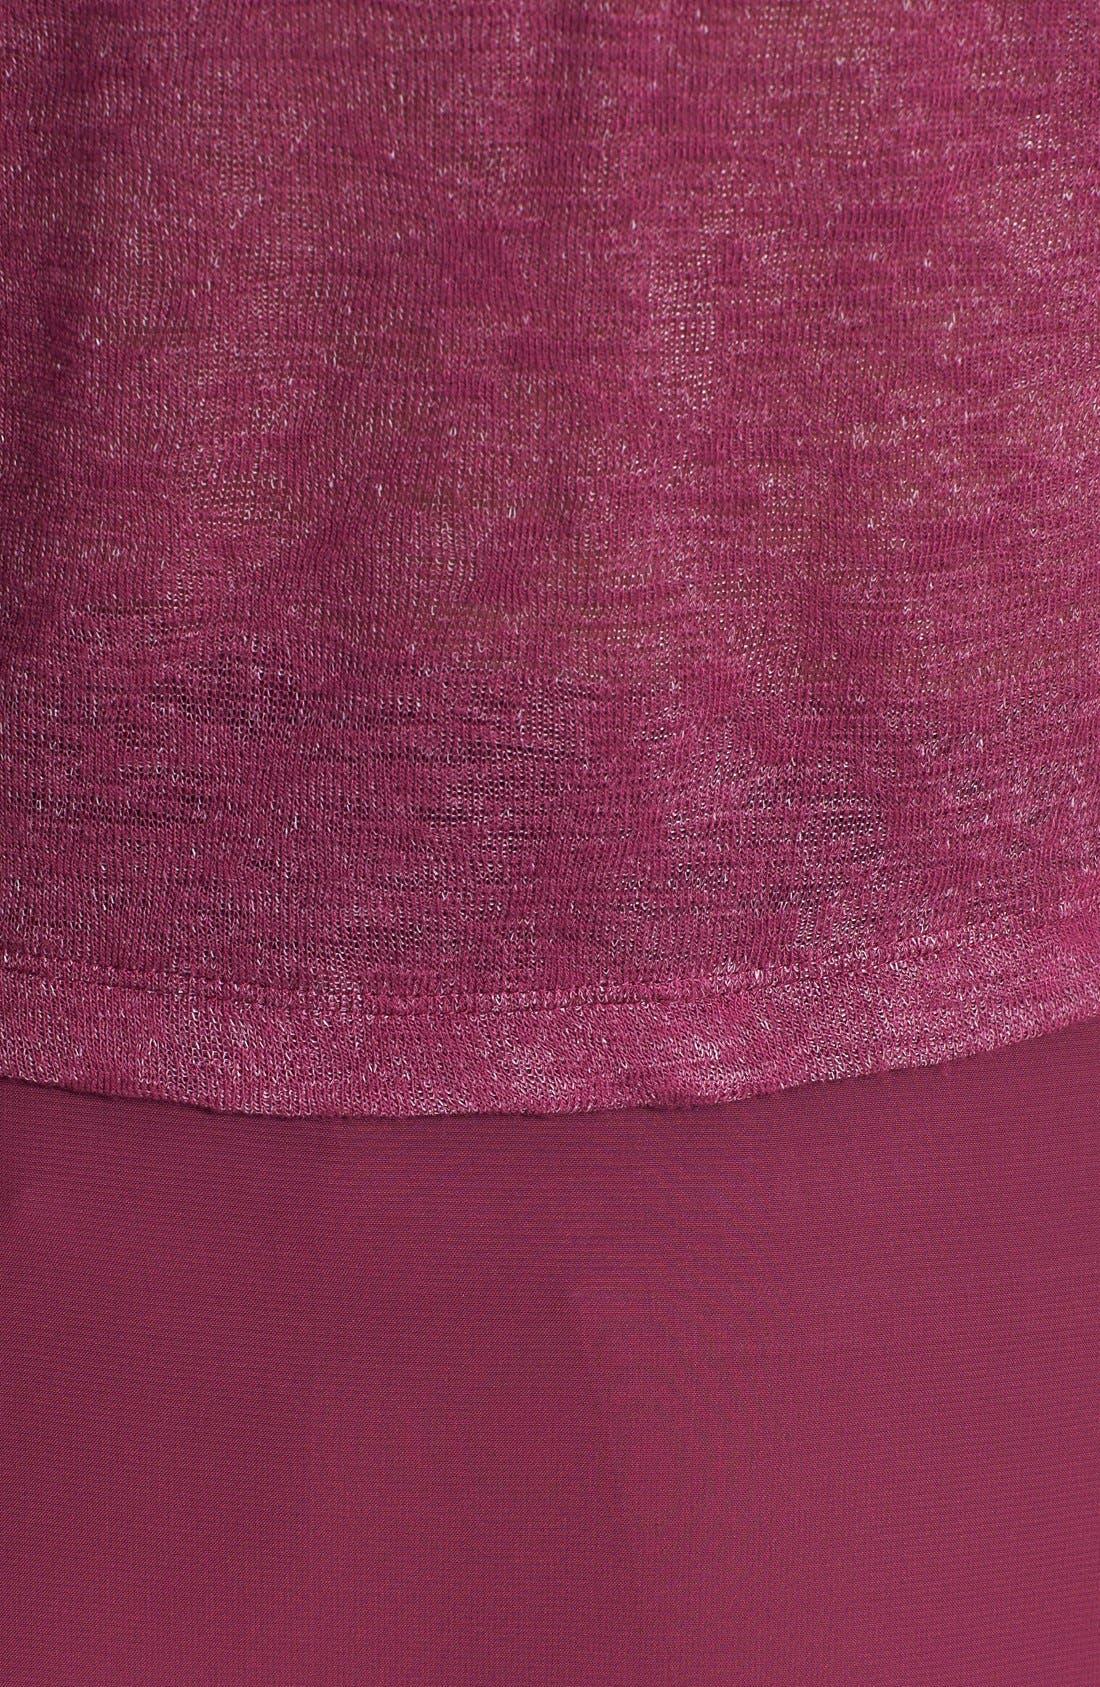 Alternate Image 3  - Olivia Moon Mixed Media Tab Sleeve Top (Regular & Petite)